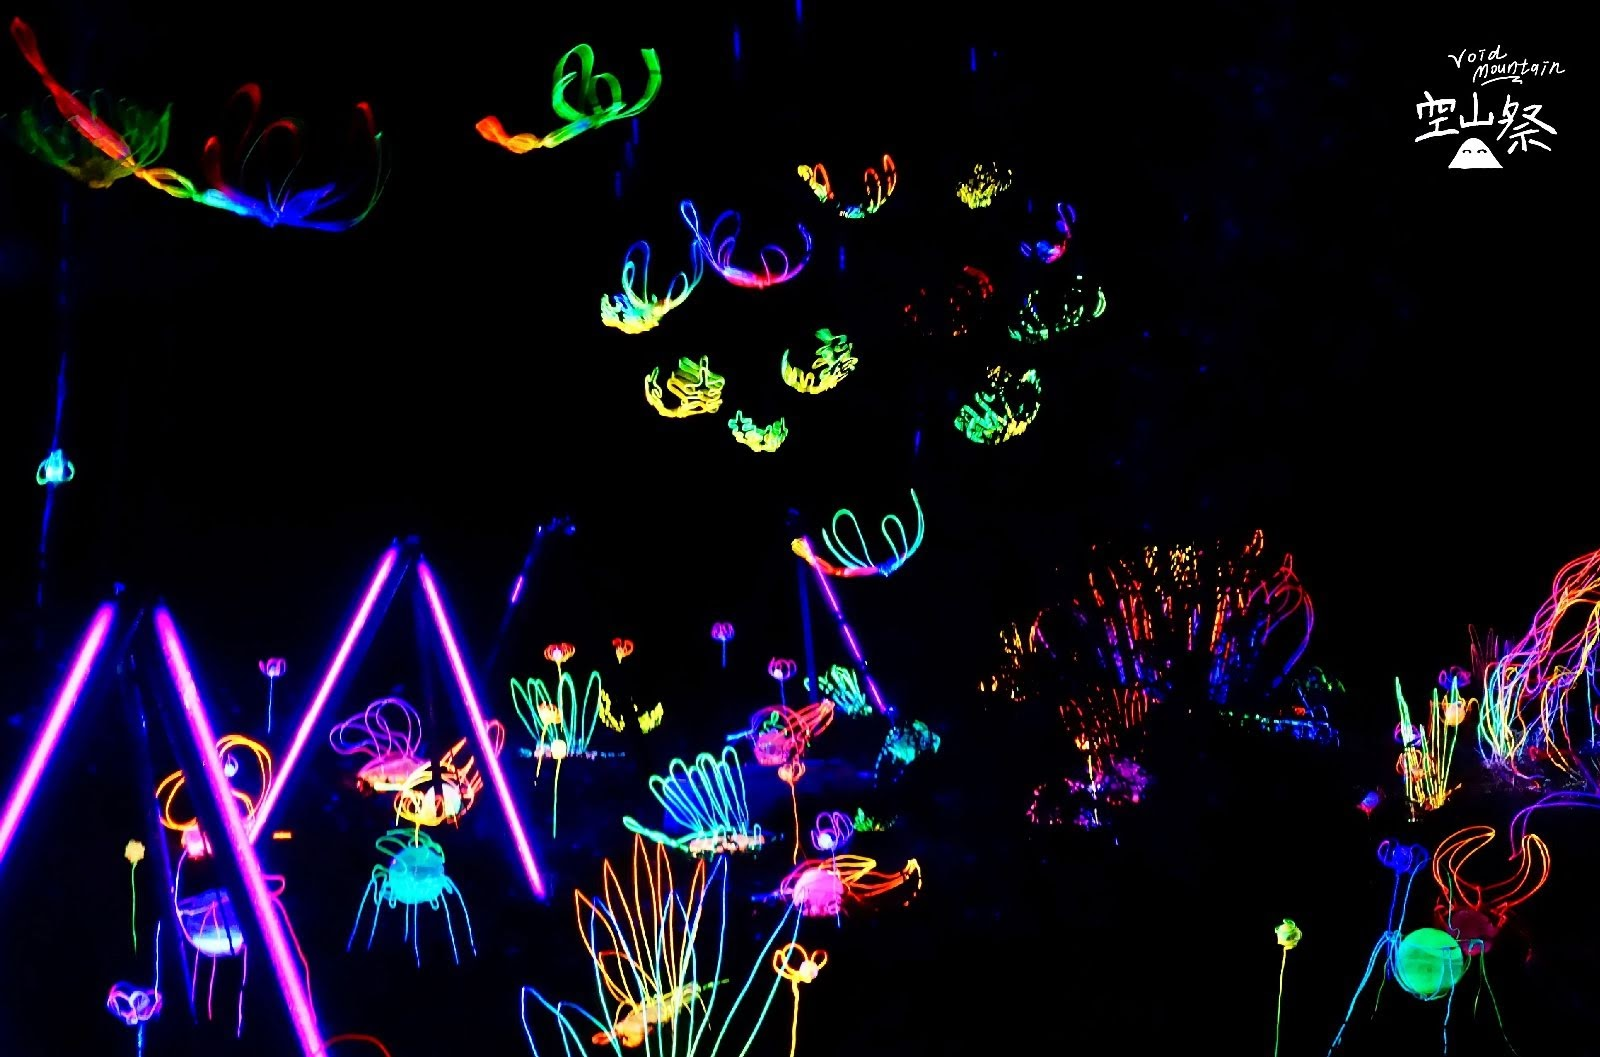 [活動] 龍崎光節-空山祭|12/21璀璨繽紛的奇異旅程在虎形山啟程